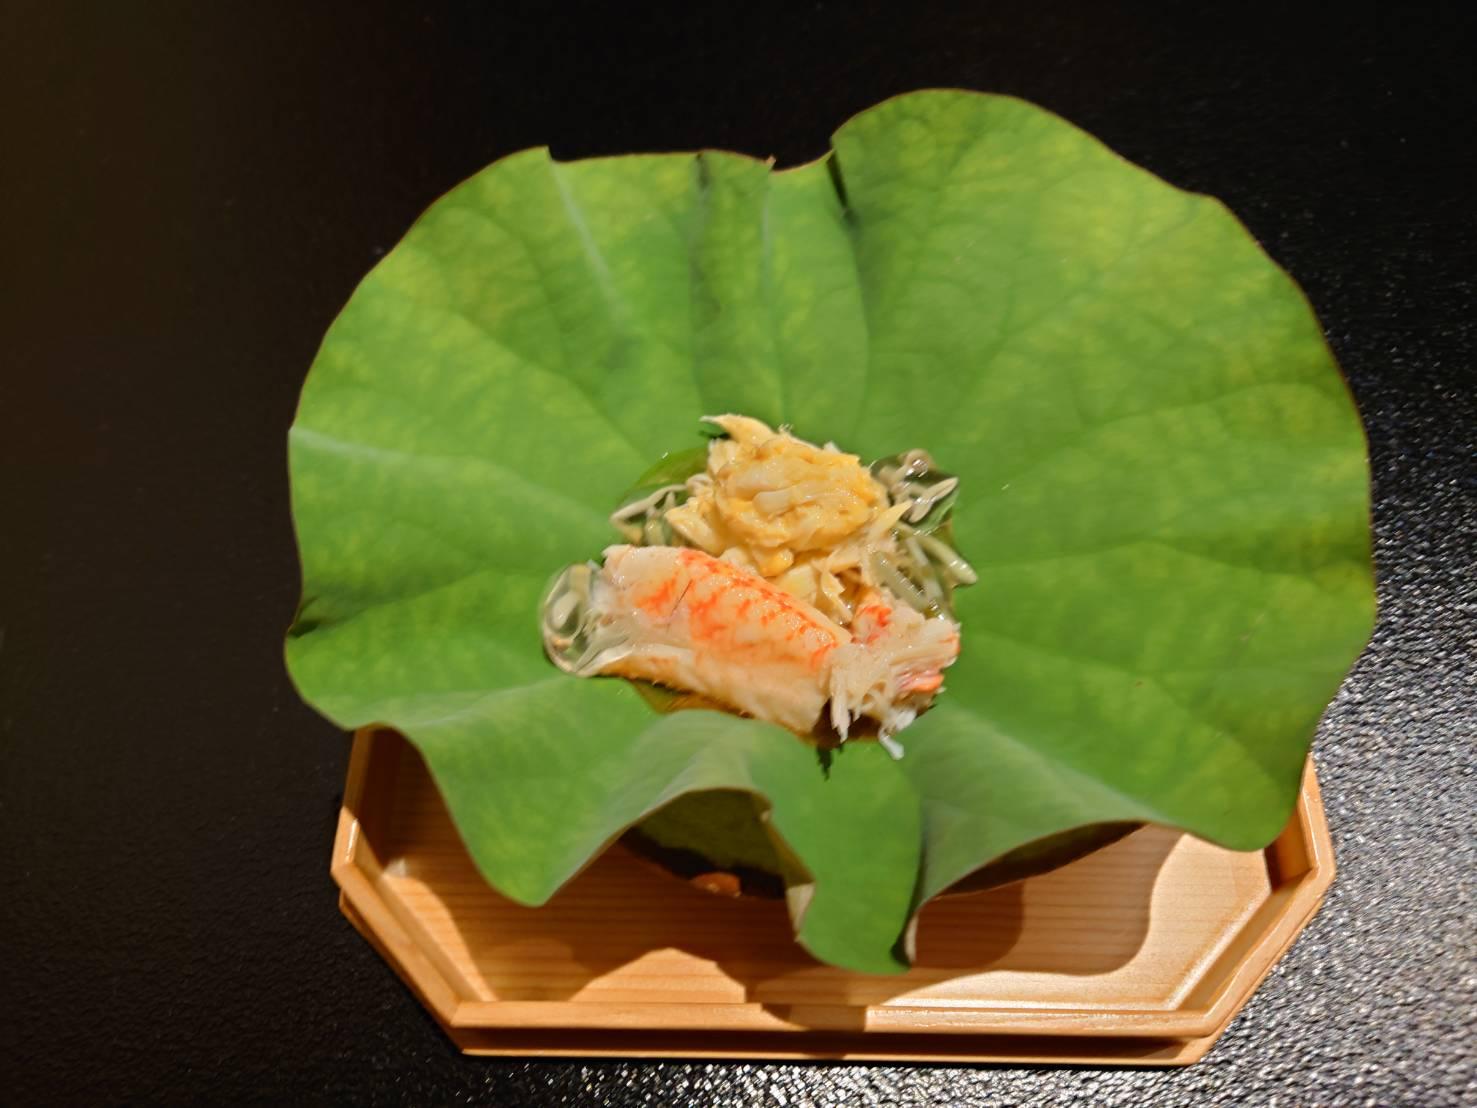 【日本料理みつわ】噴火湾 毛蟹<p>今年も、北海道噴火湾の毛蟹漁が解禁されました。 自然保護のため、 3週間のみ規定漁獲量にて打ち切りとなる、 大変貴重な毛蟹でございます。 たっぷりと栄養を蓄え、 ぎゅっと詰まった身が甘く、 深い味わいが特長です。 毛蟹本 […]</p>